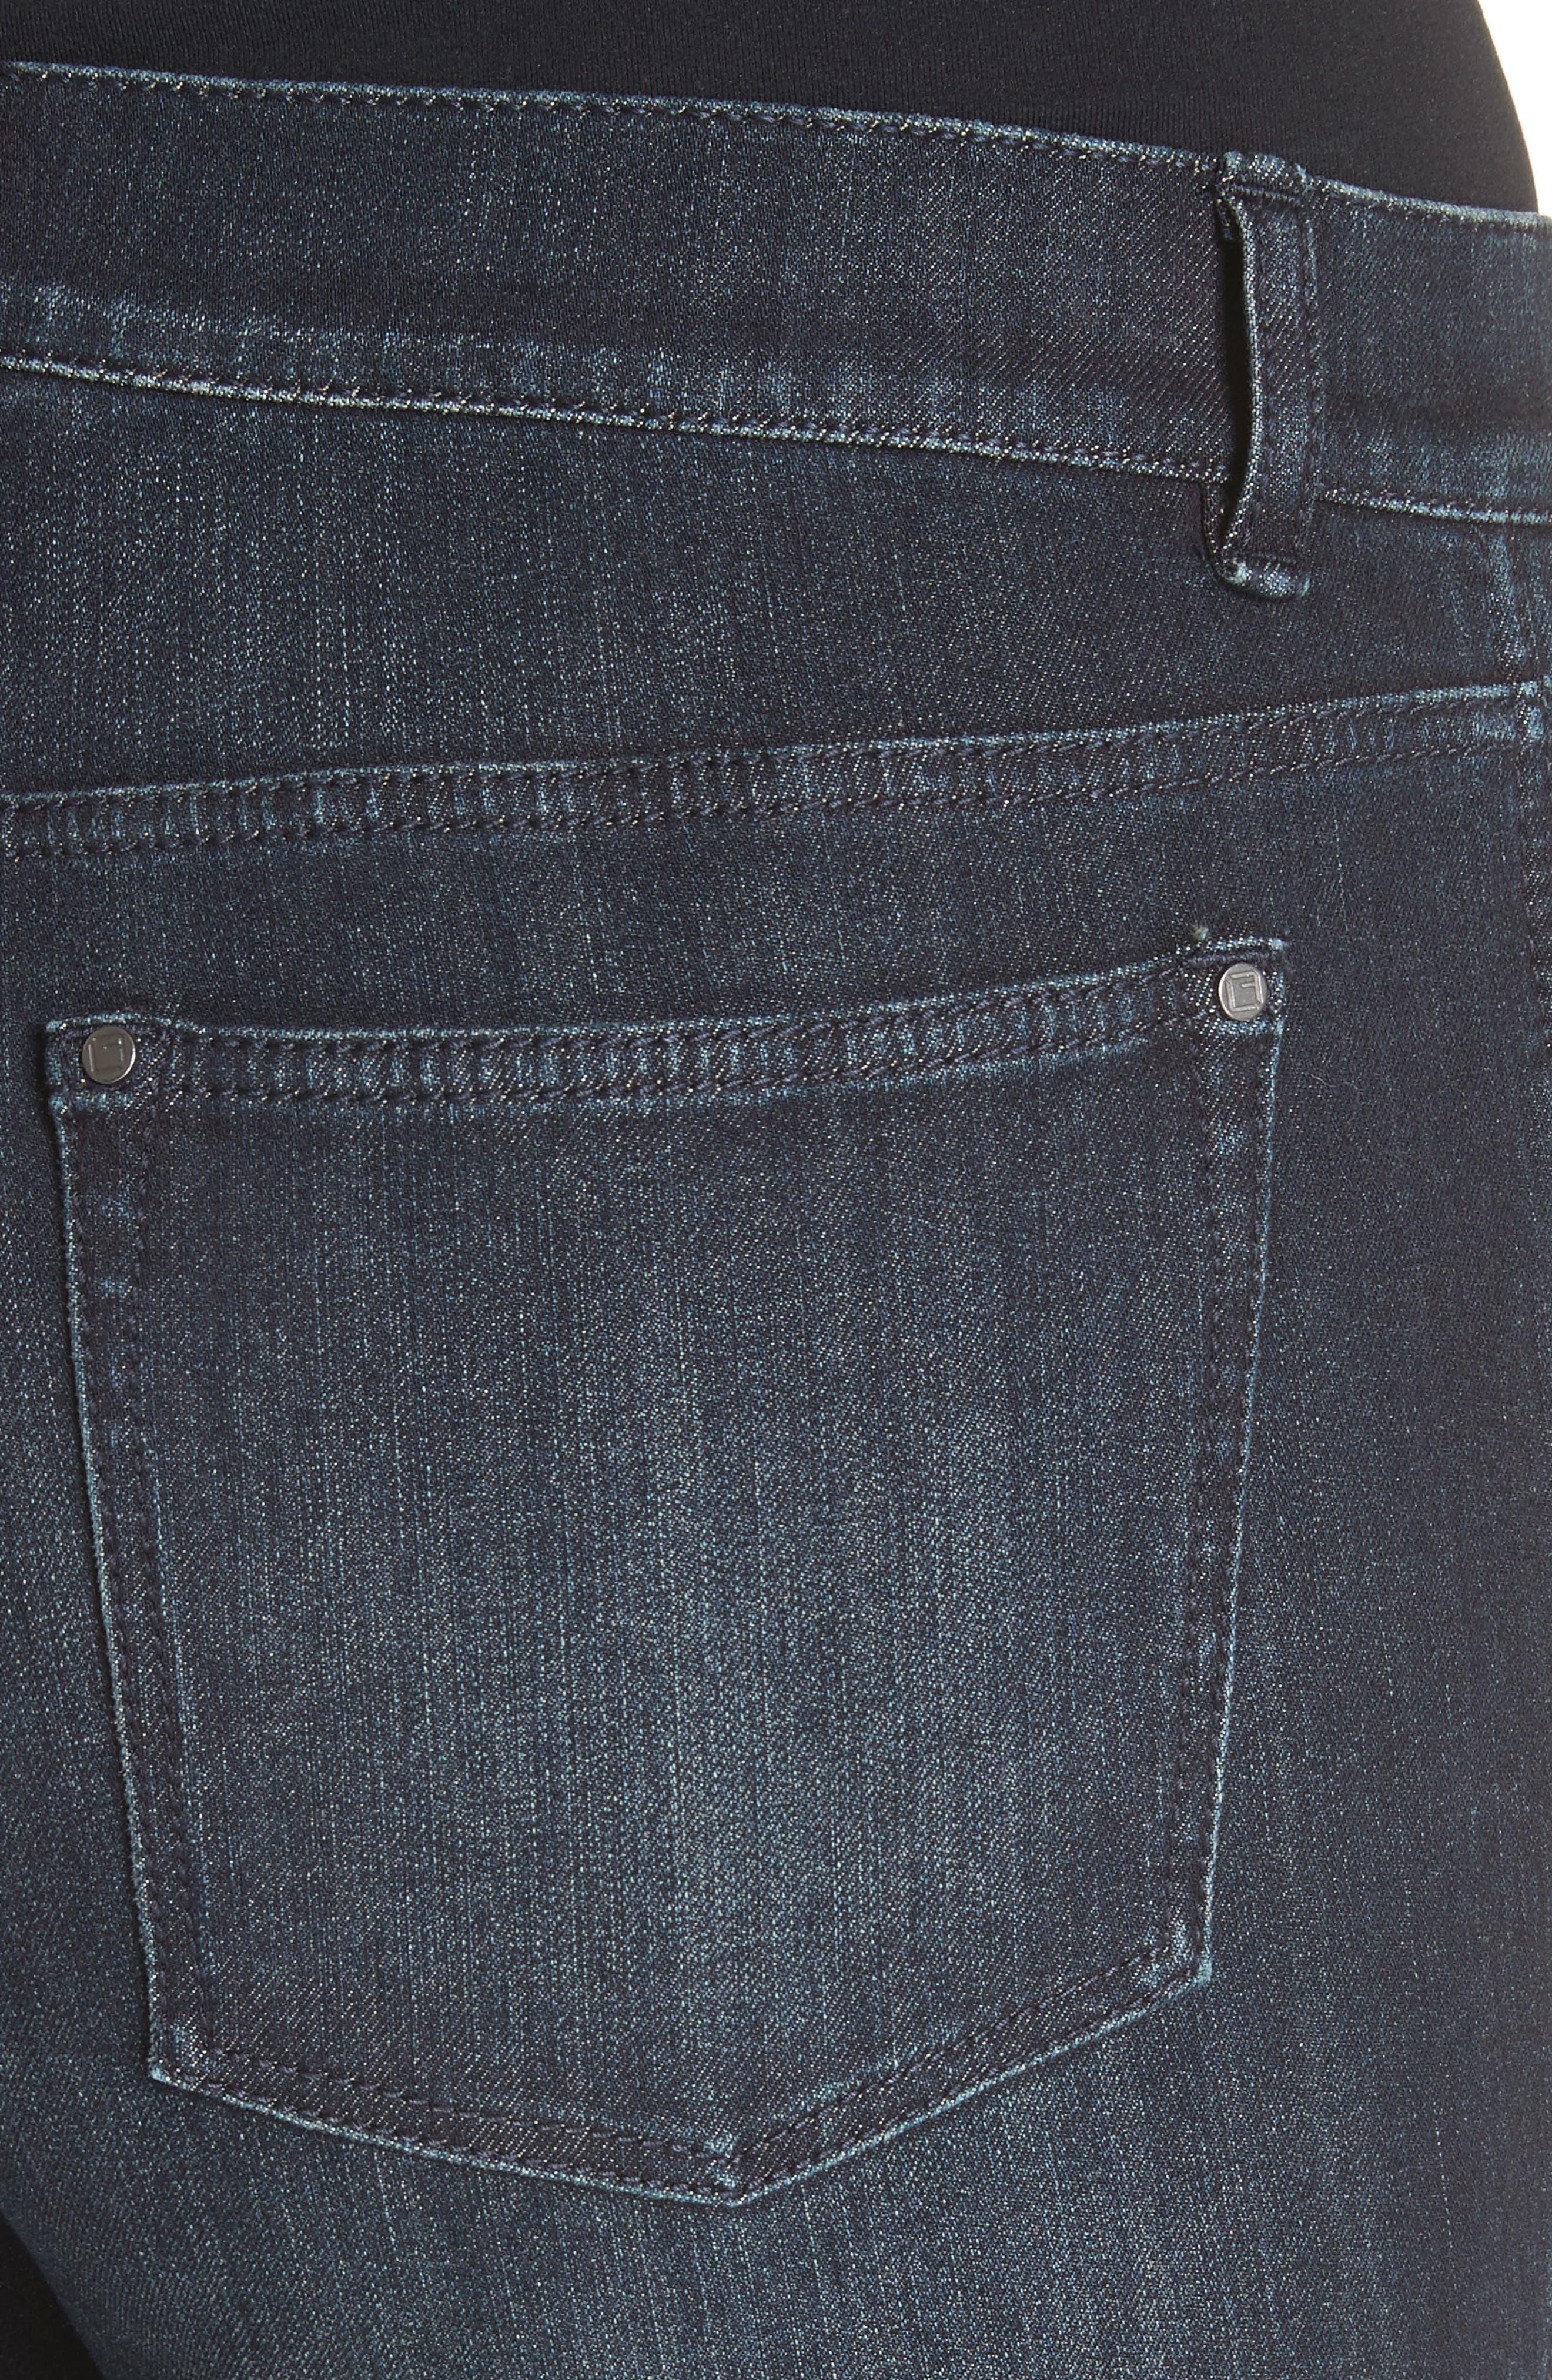 Mercer Skinny Jeans,                             Alternate thumbnail 5, color,                             Indigo